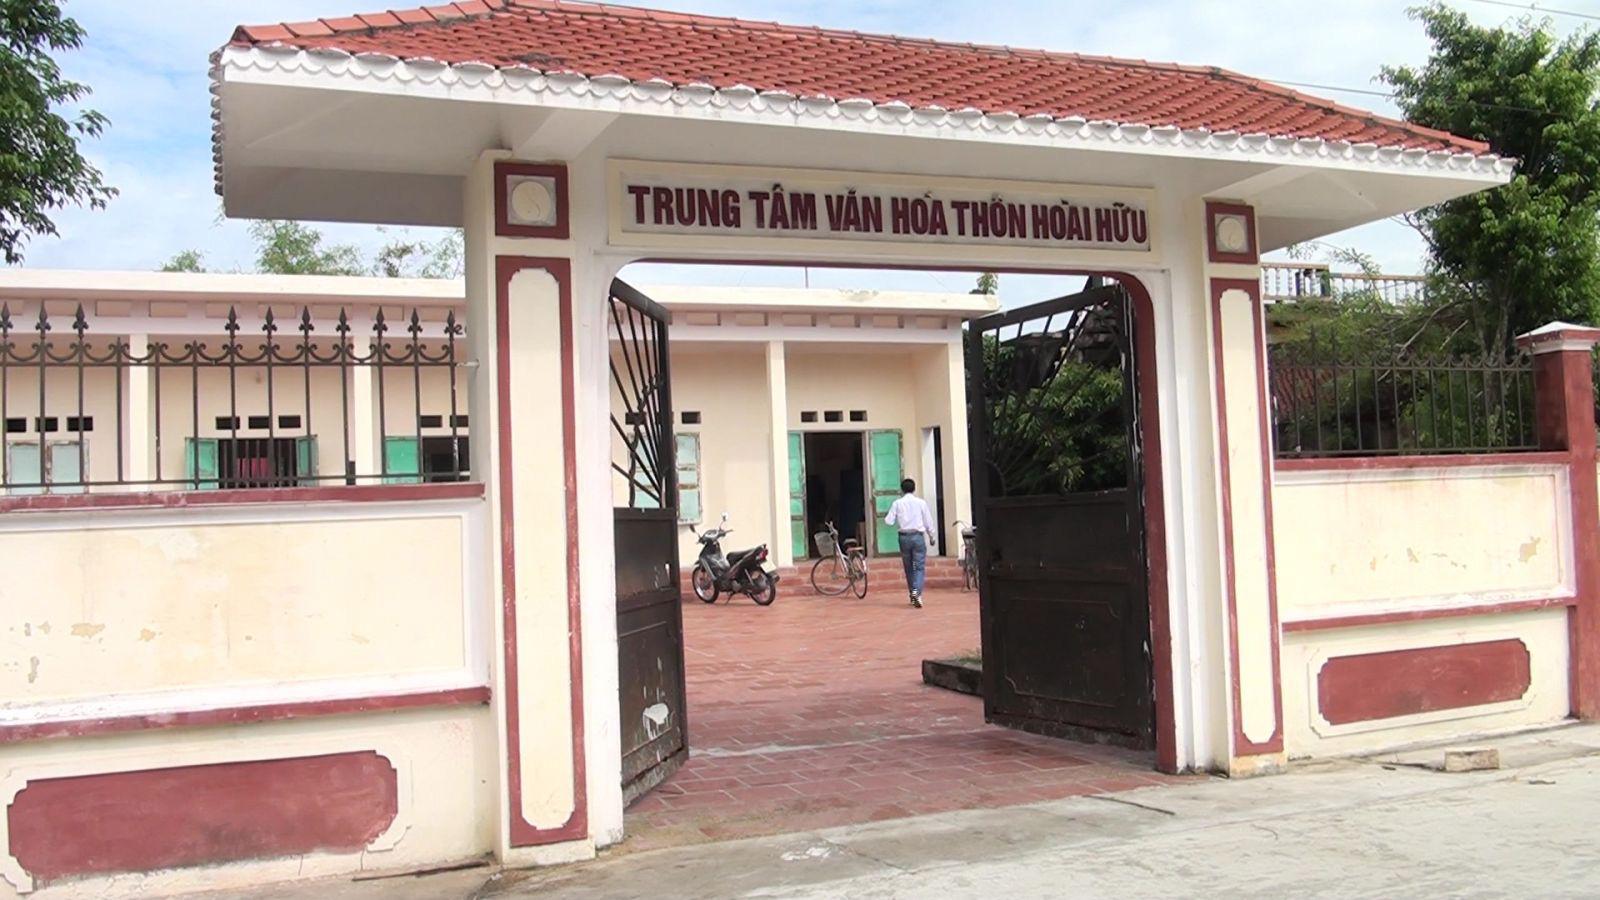 Thái Bình: Phát huy các di sản văn hóa và thiết chế văn hóa ở cơ sở trong xây dựng nông thôn mới - Ảnh 4.